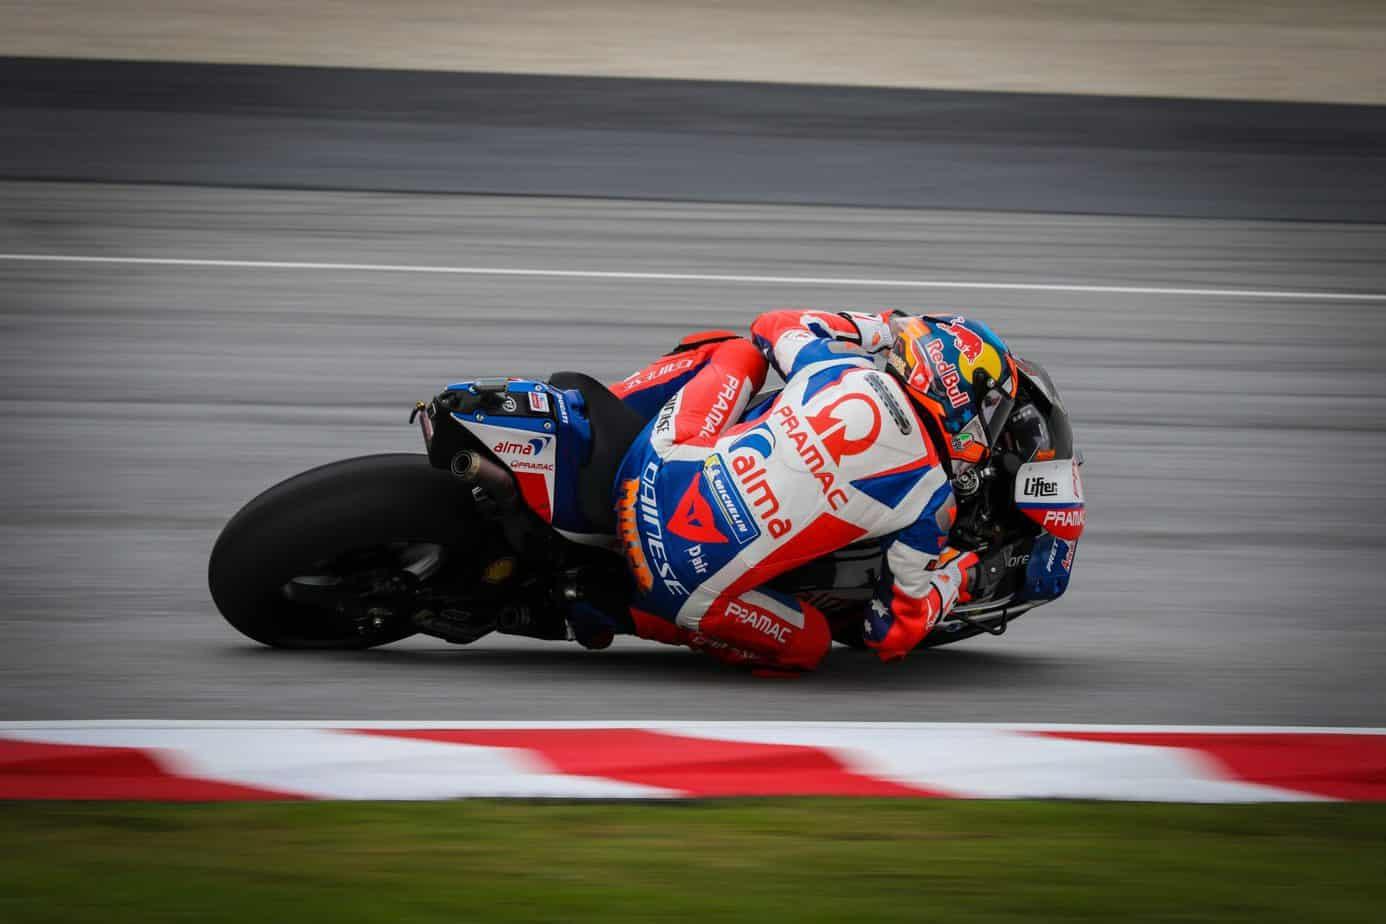 Zawirowania w MotoGP. Dodatkowa runda w Katarze